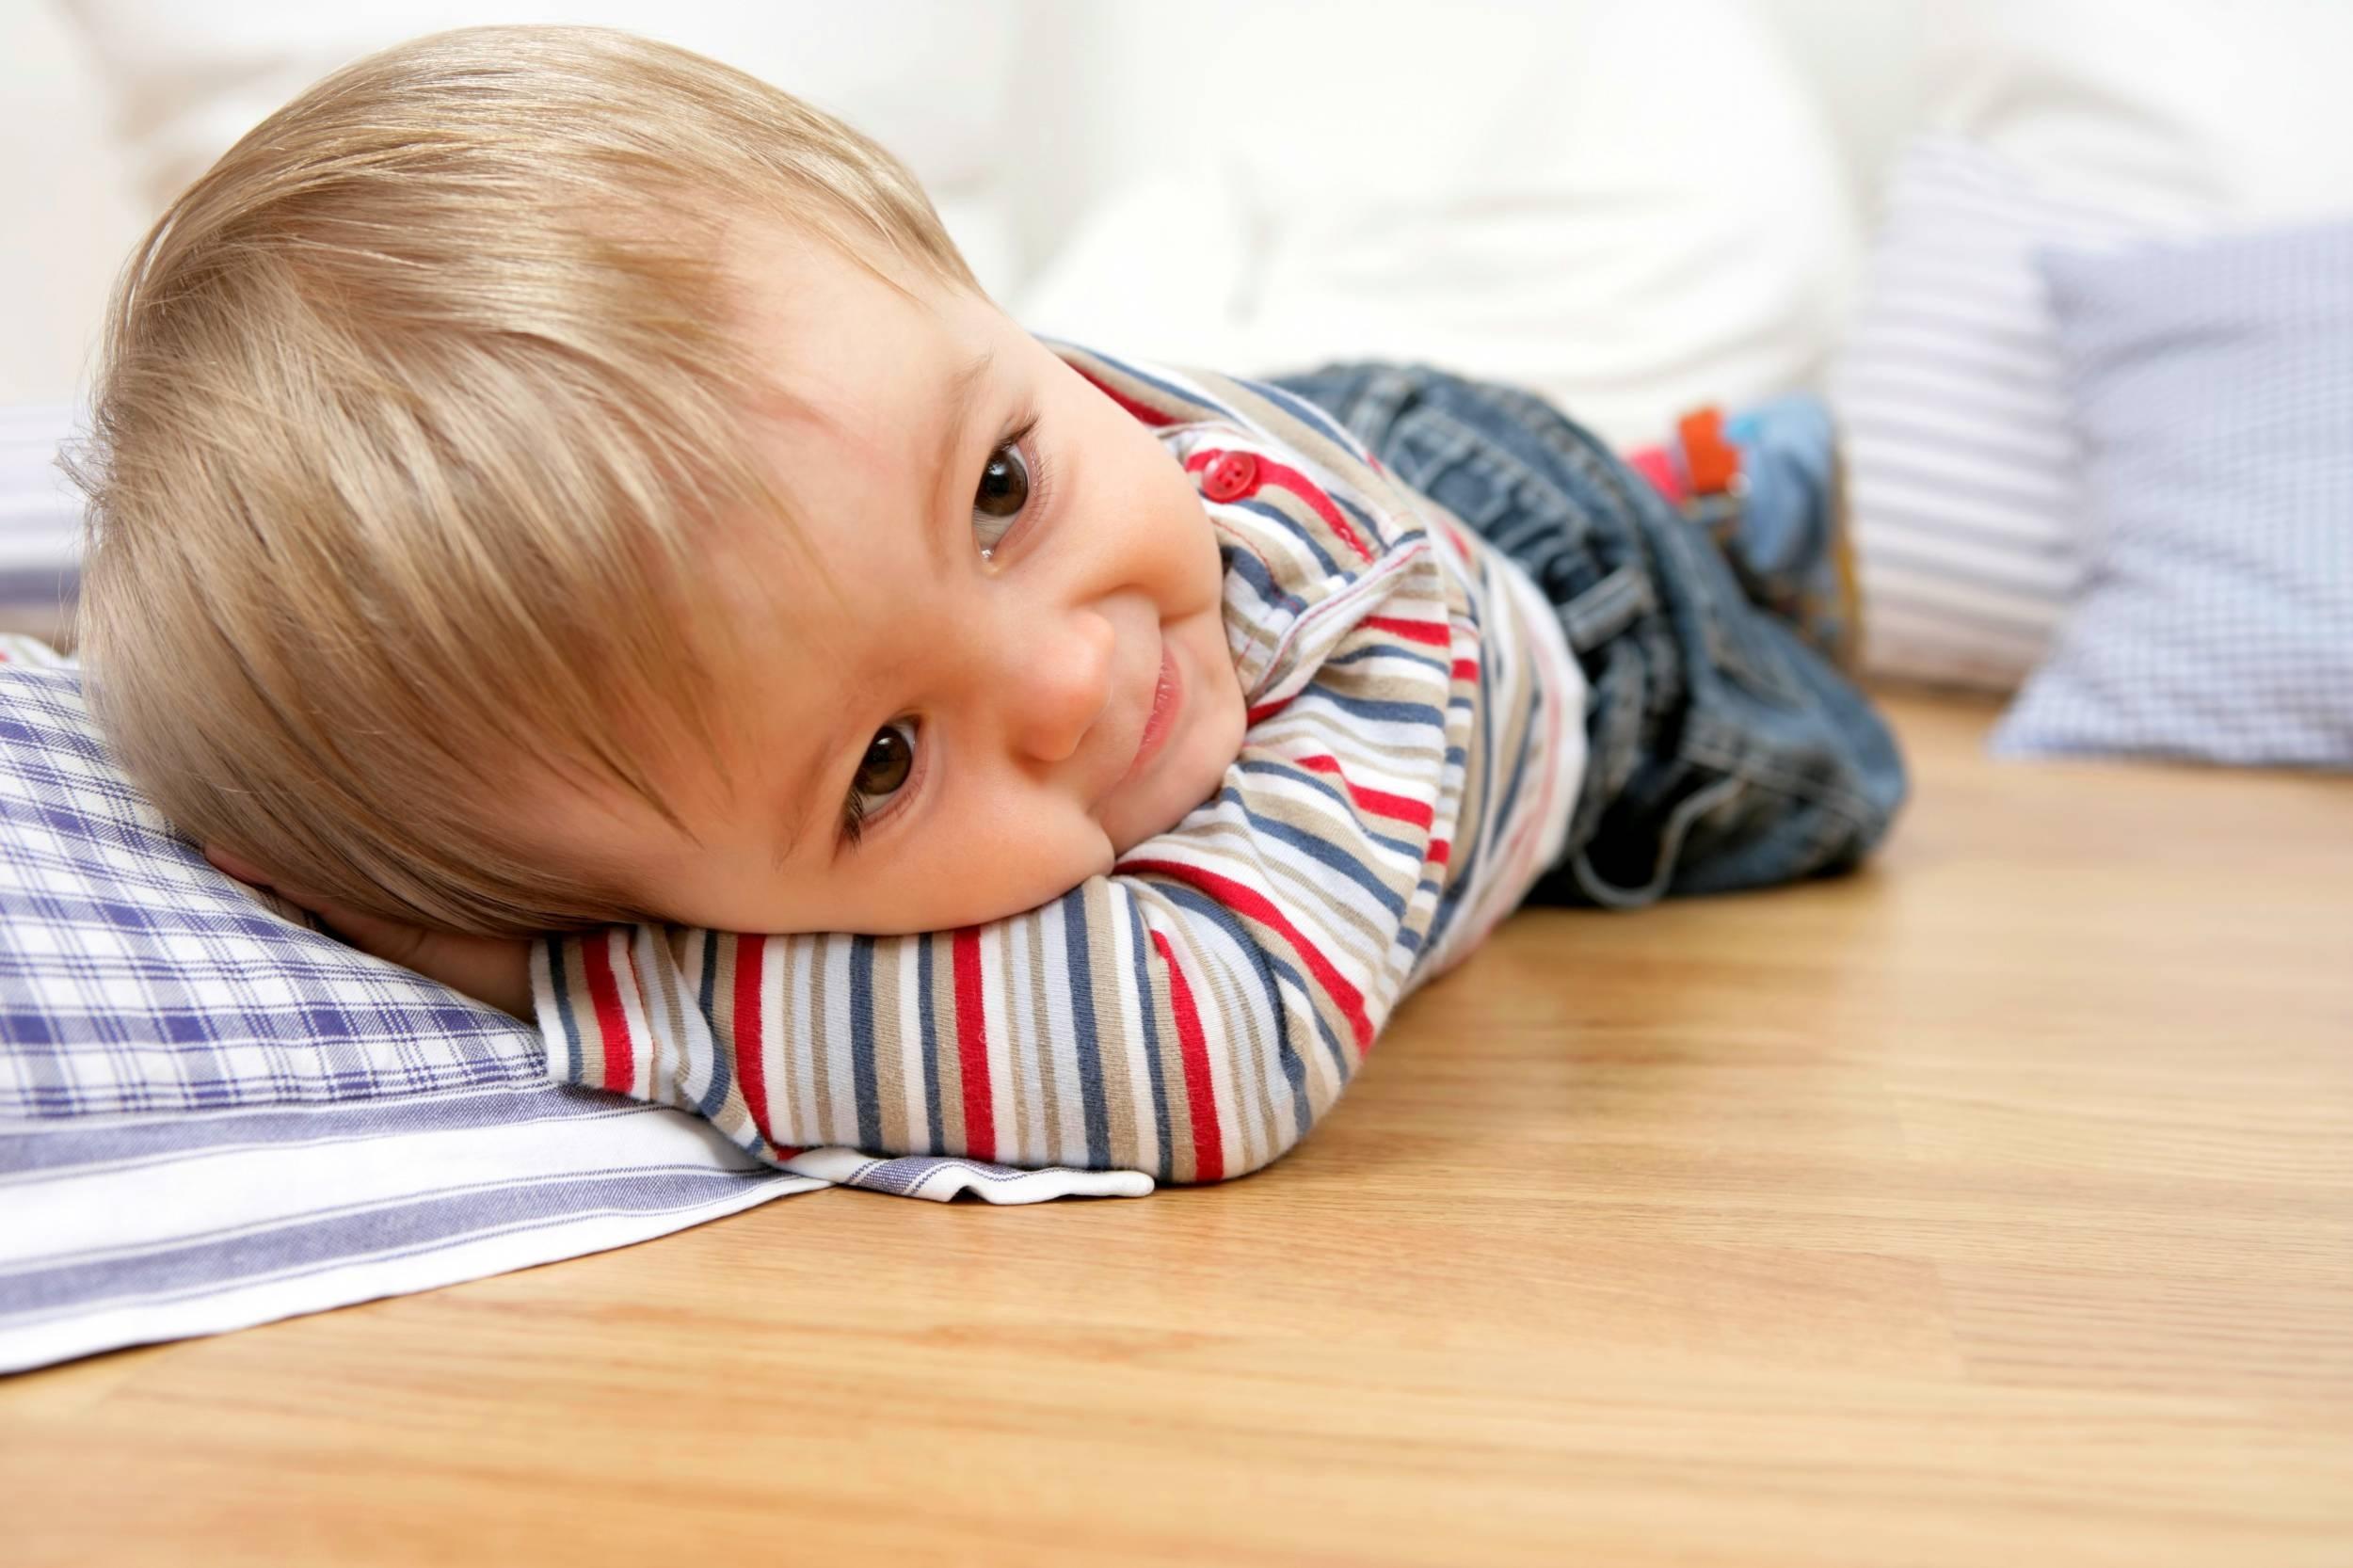 можно ли выделить долю ребенку в ипотечной квартире